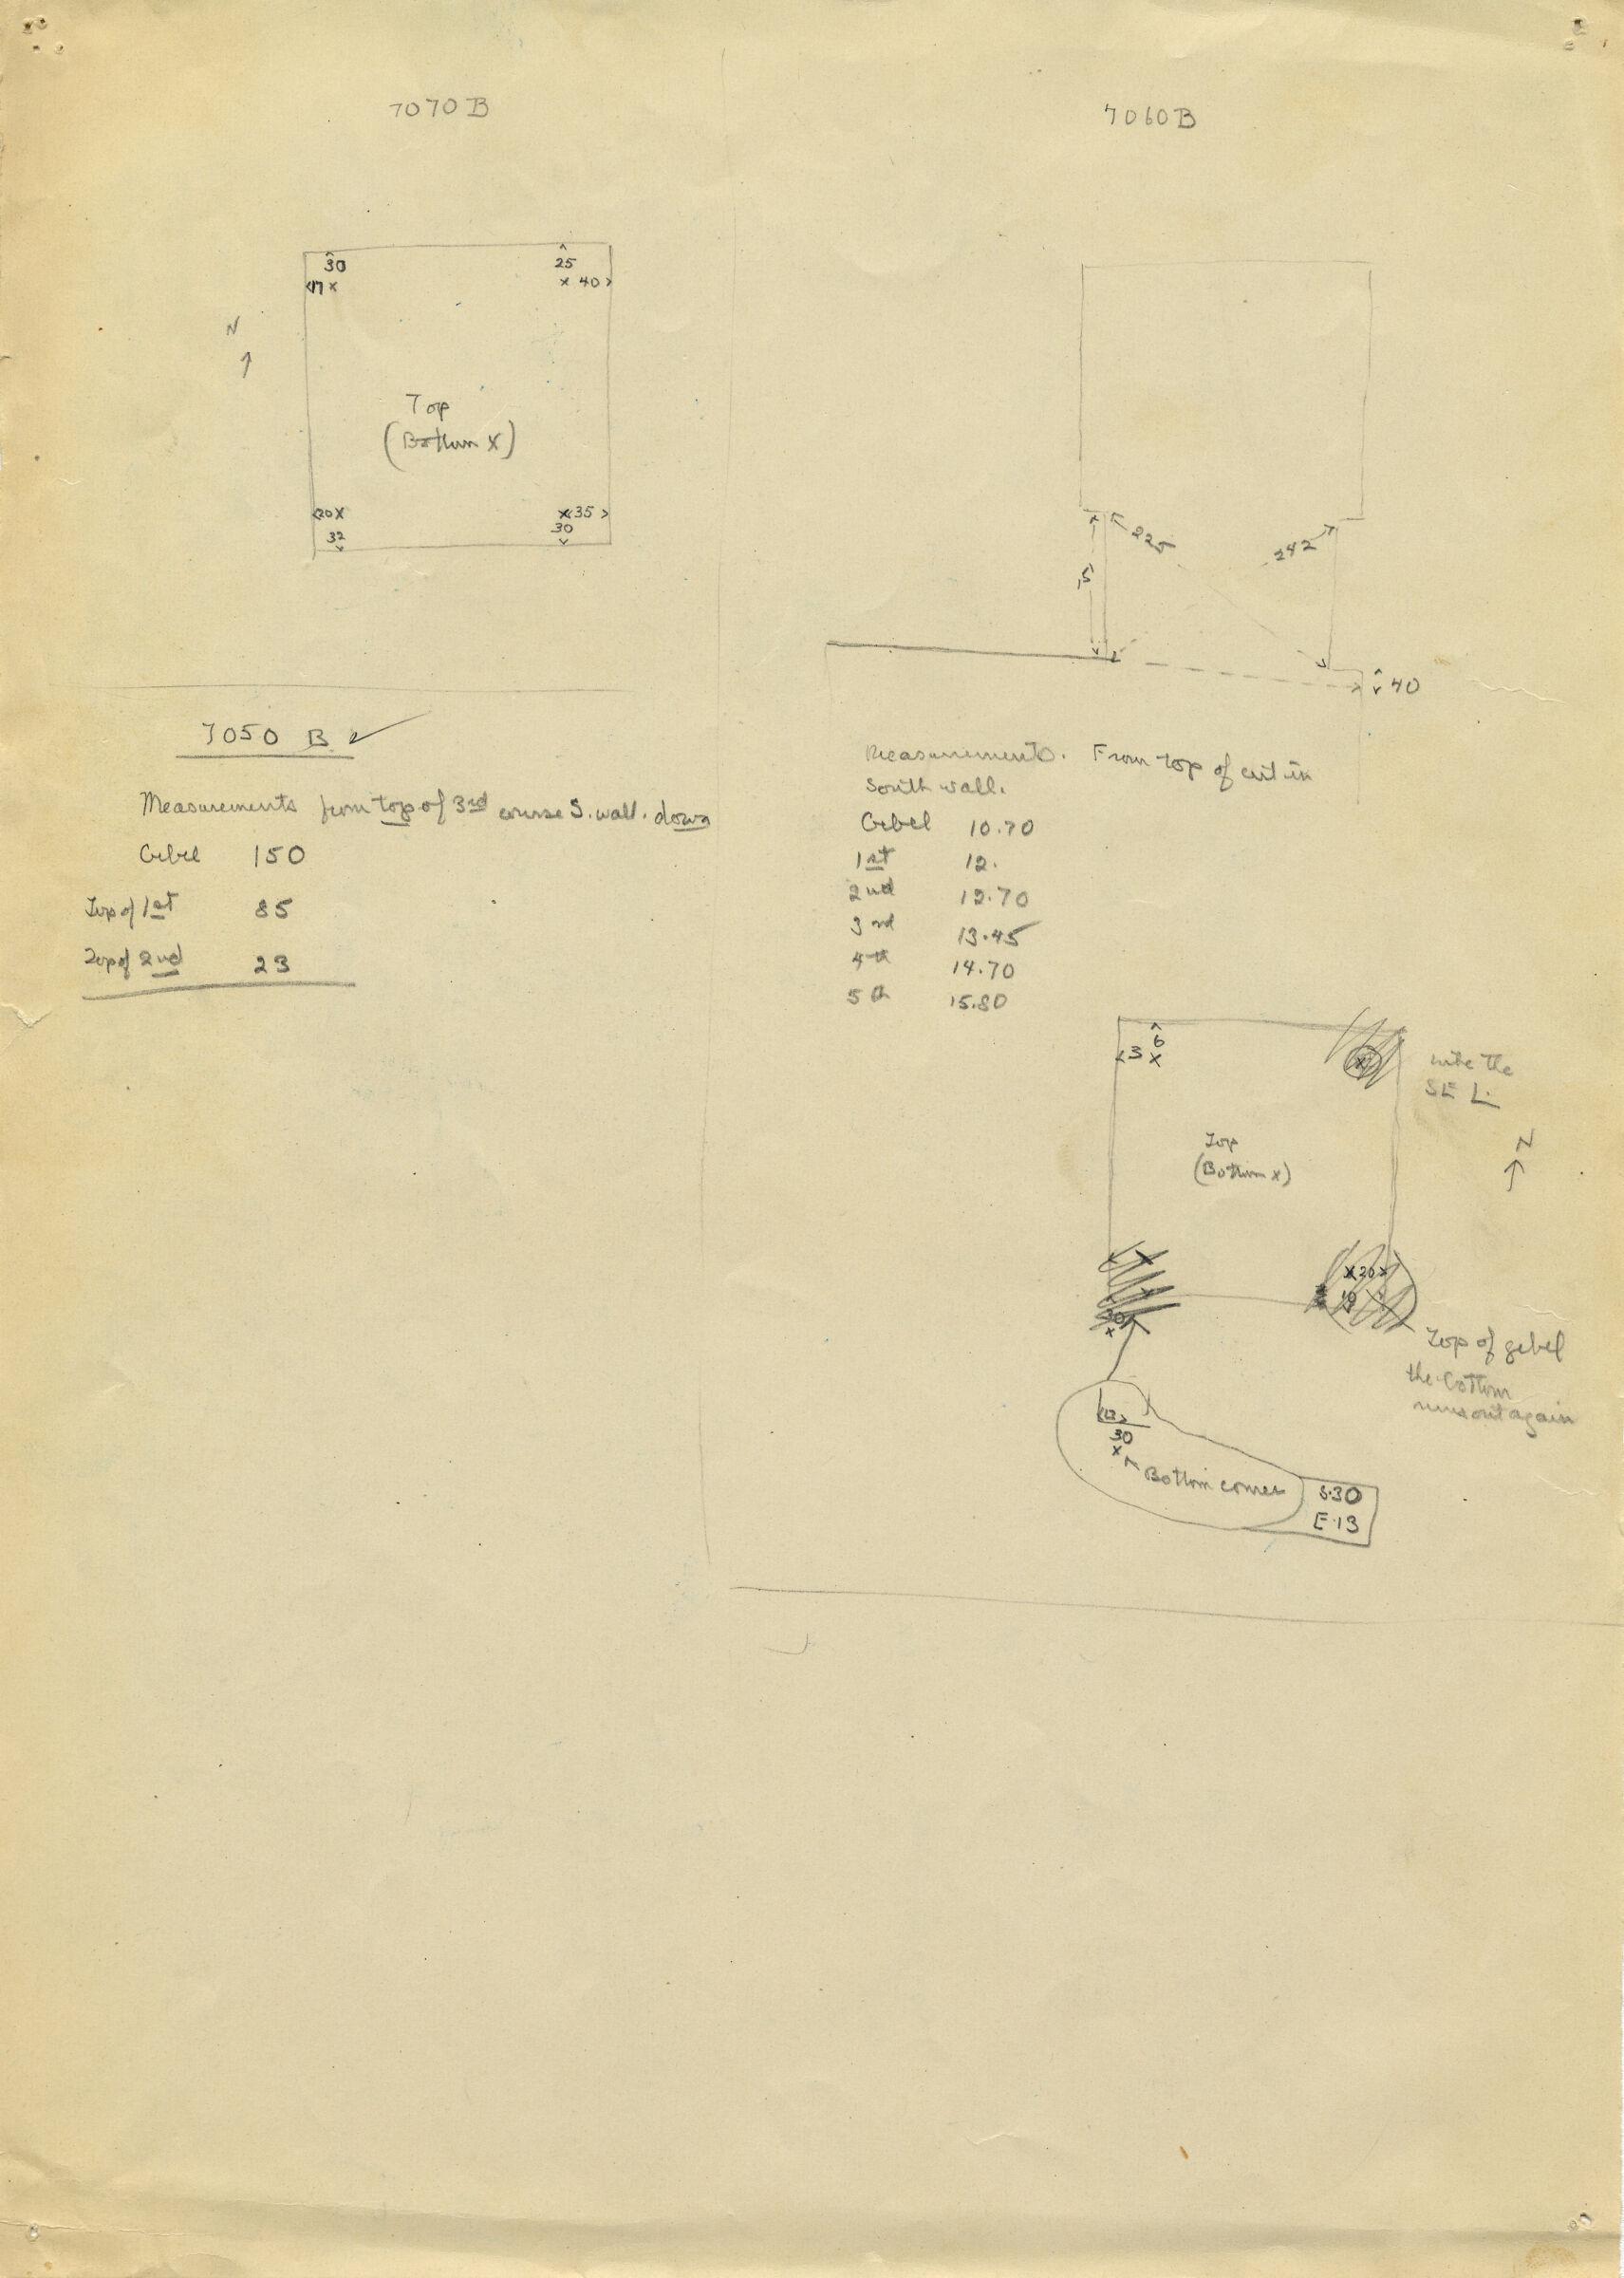 Maps and plans: G 7050, Shaft B & G 7060, Shaft B & G 7070, Shaft B